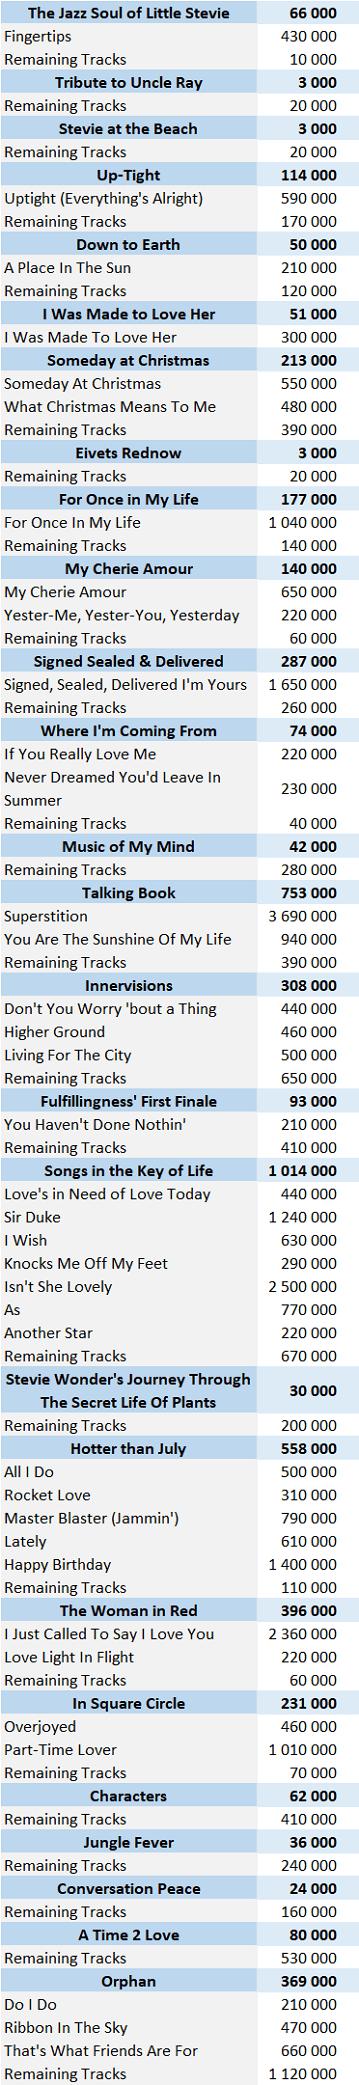 CSPC Stevie Wonder digital singles sales